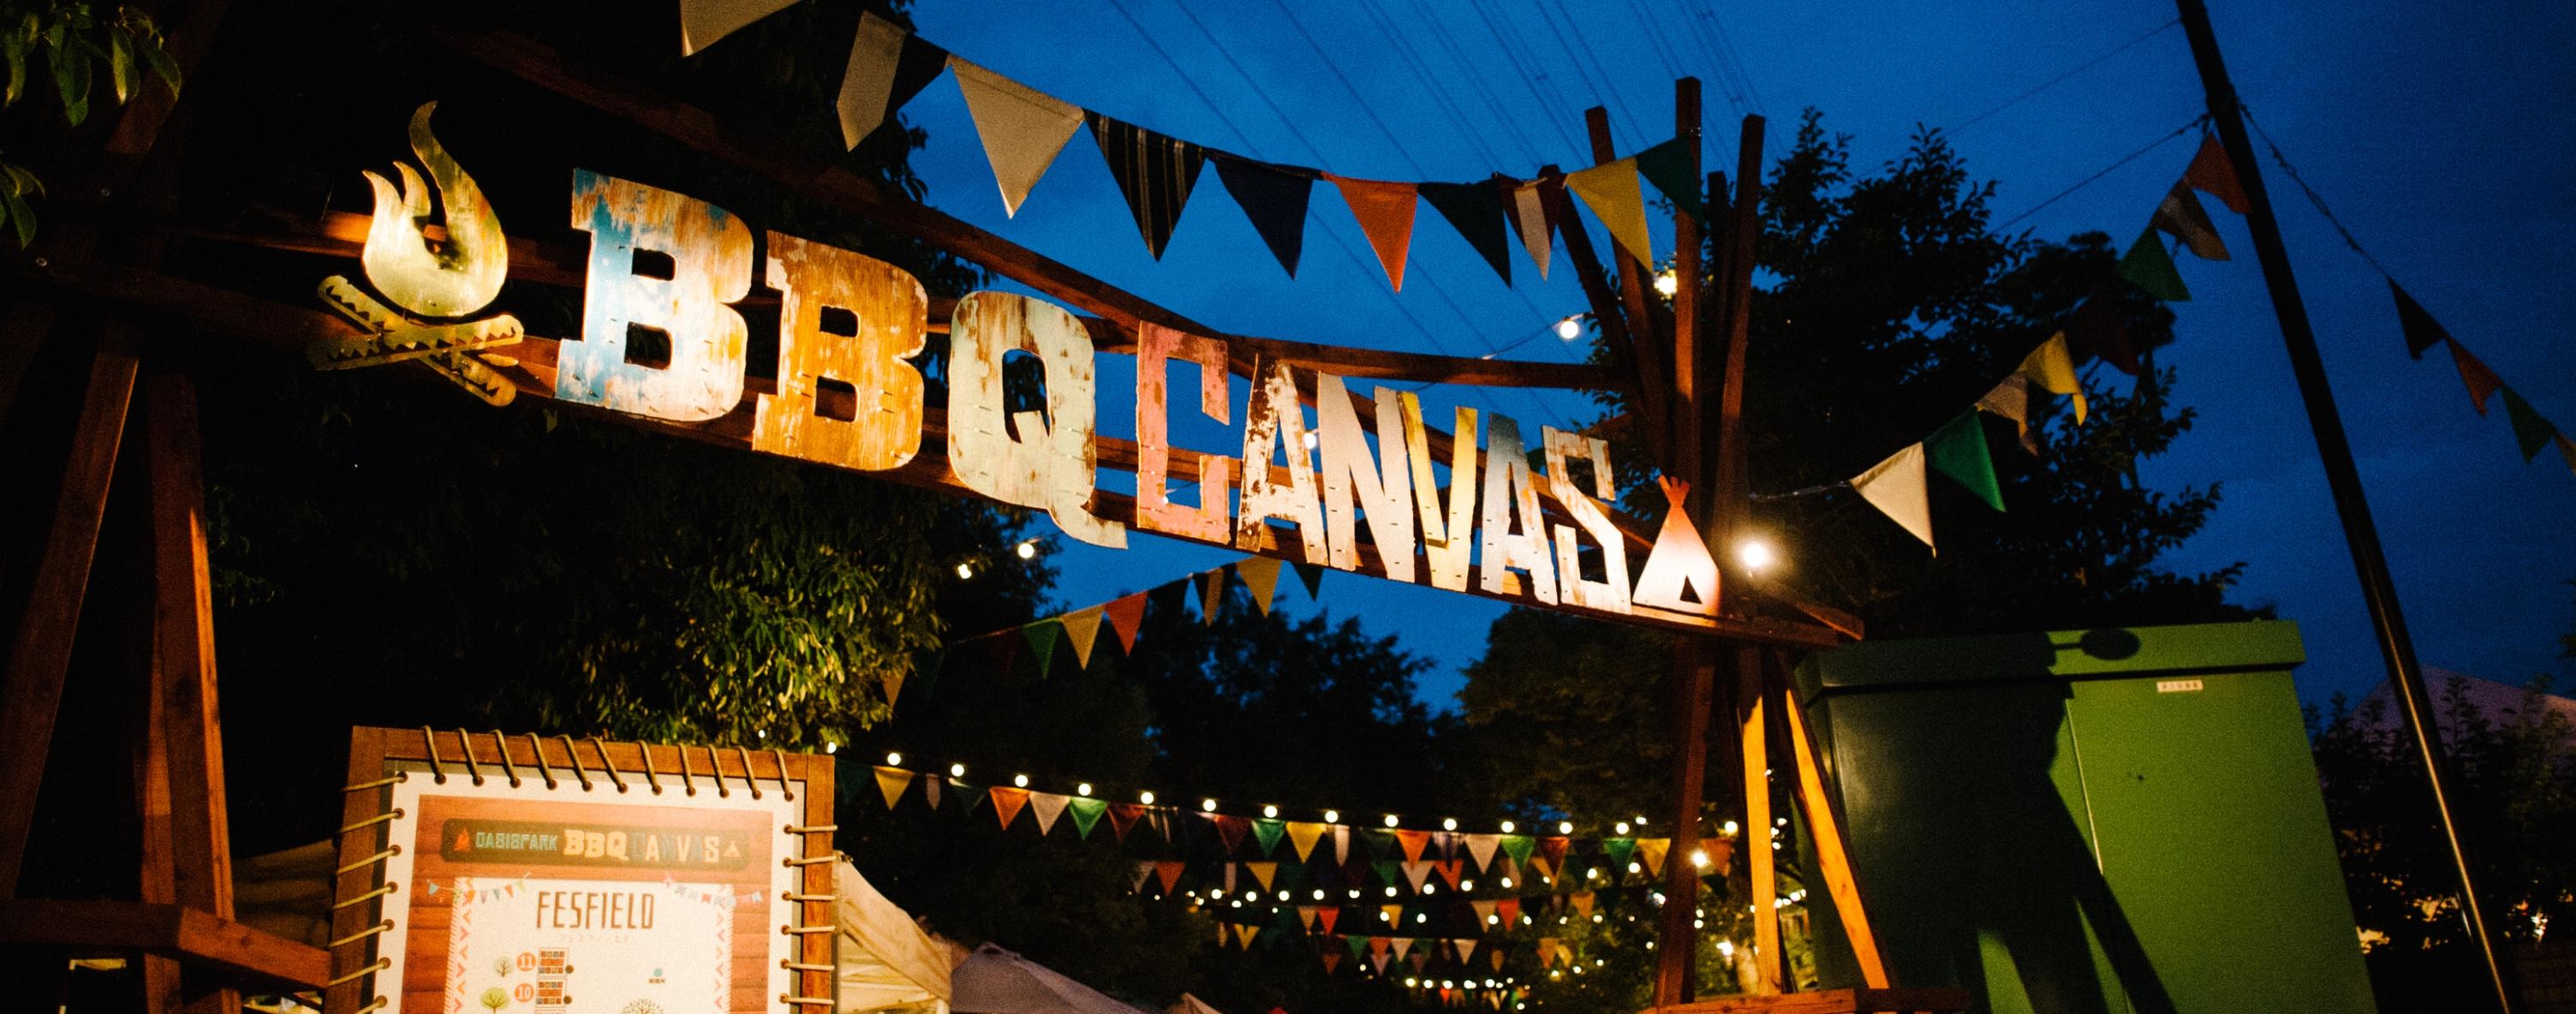 食事からパーティーまで、あなただけのBBQを気楽に楽しめる!